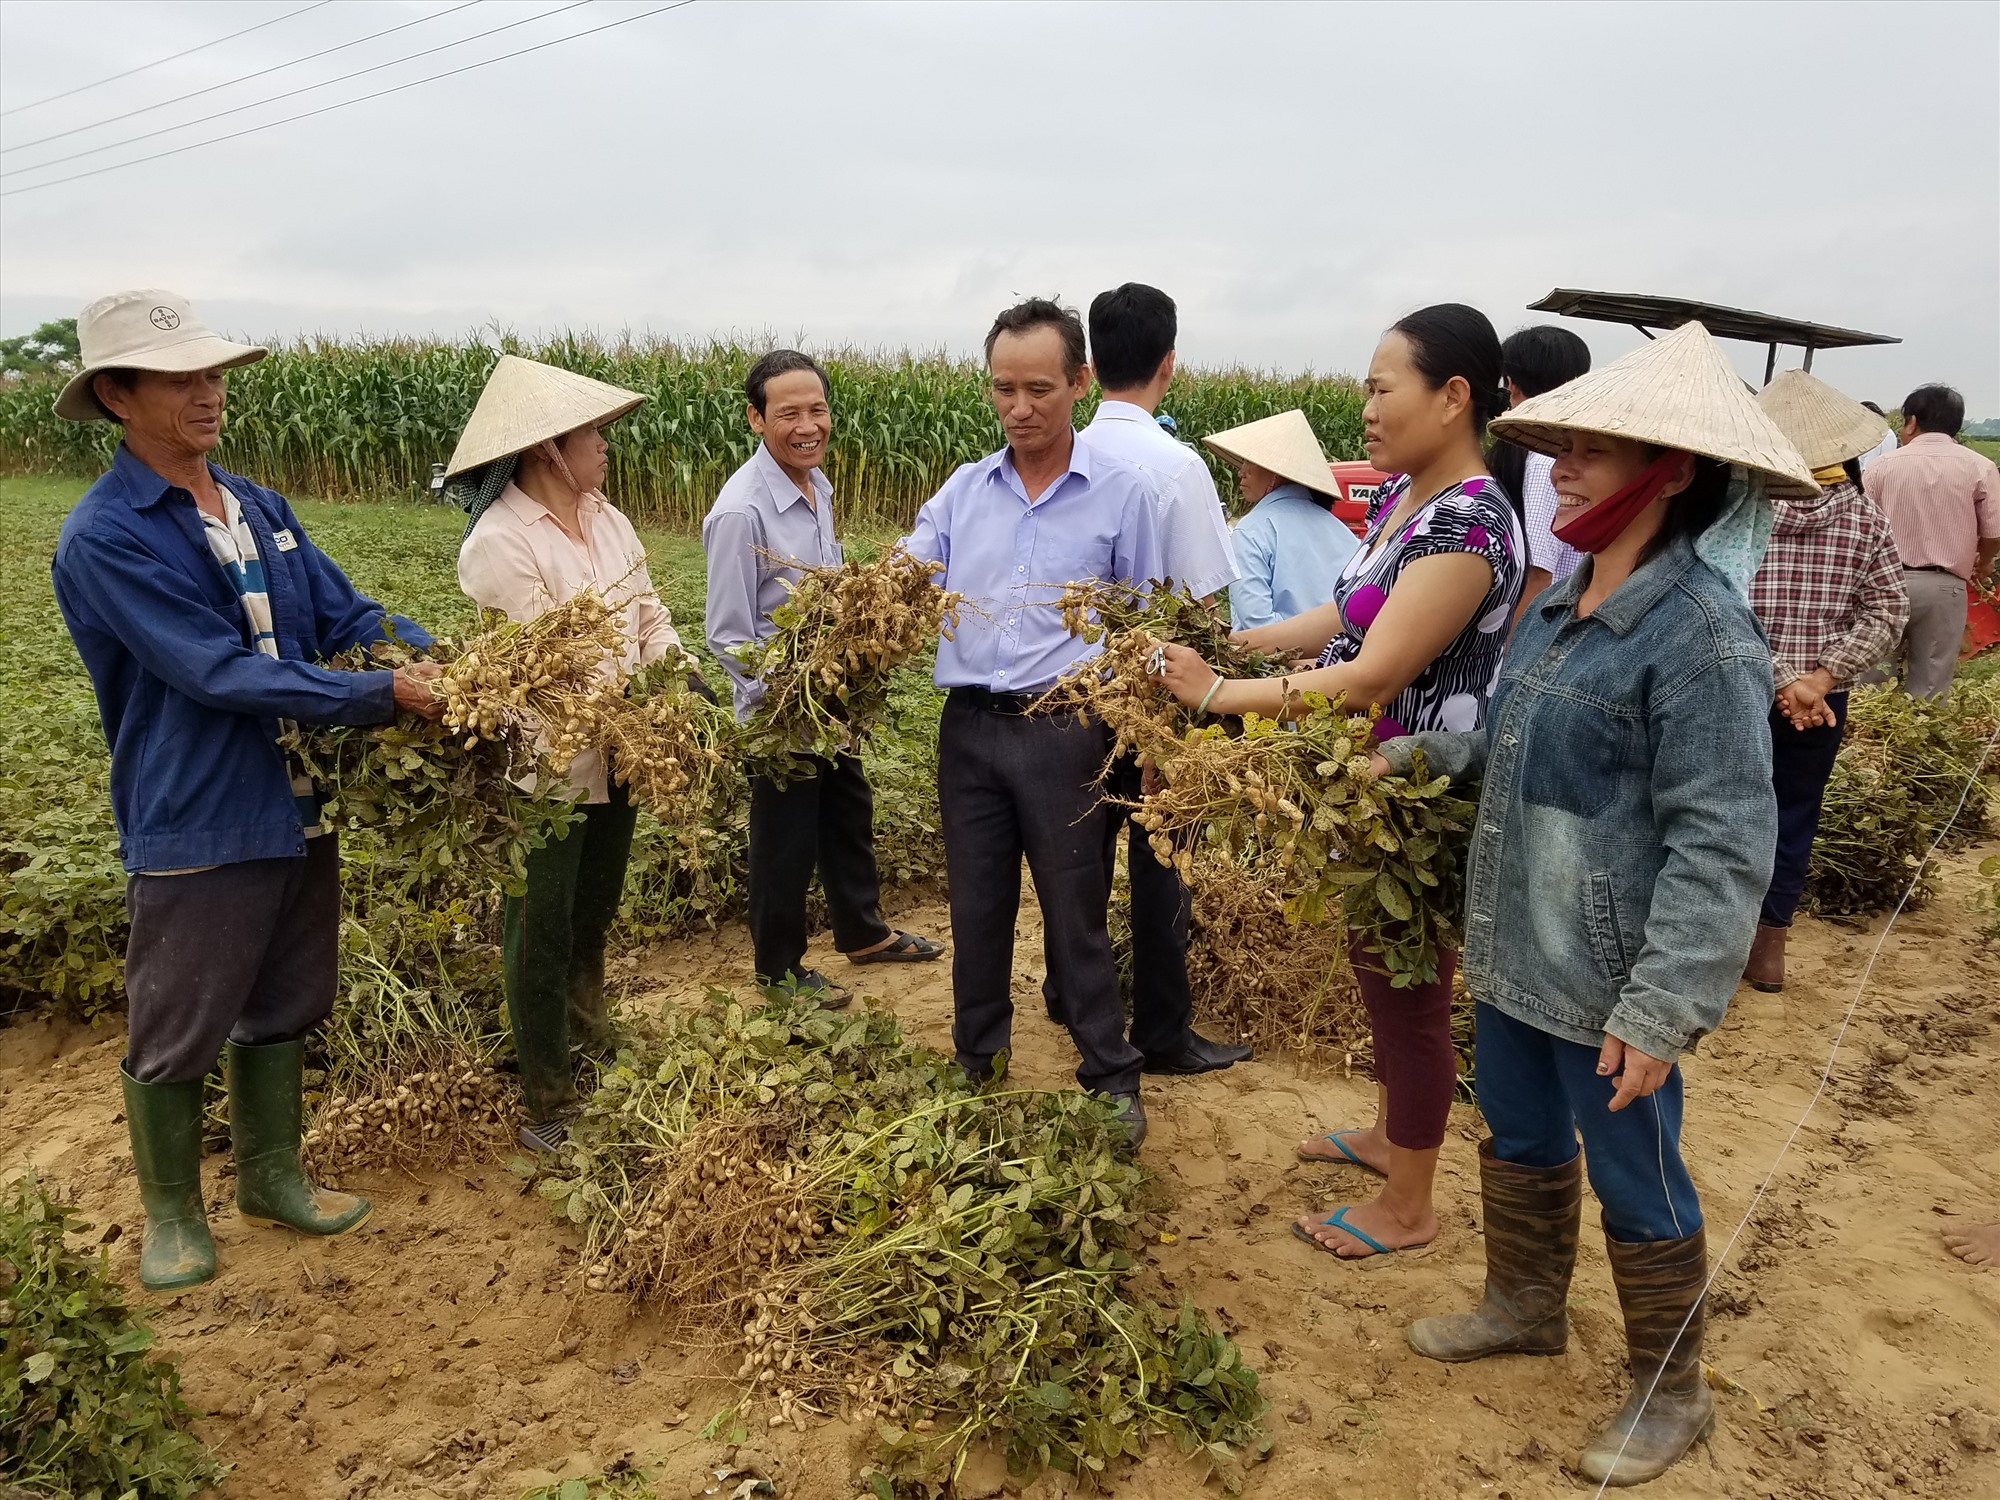 Chuyên canh đậu phụng tạo vùng nguyên liệu sản xuất dầu phụng tại Điện Bàn. Ảnh: Q.T